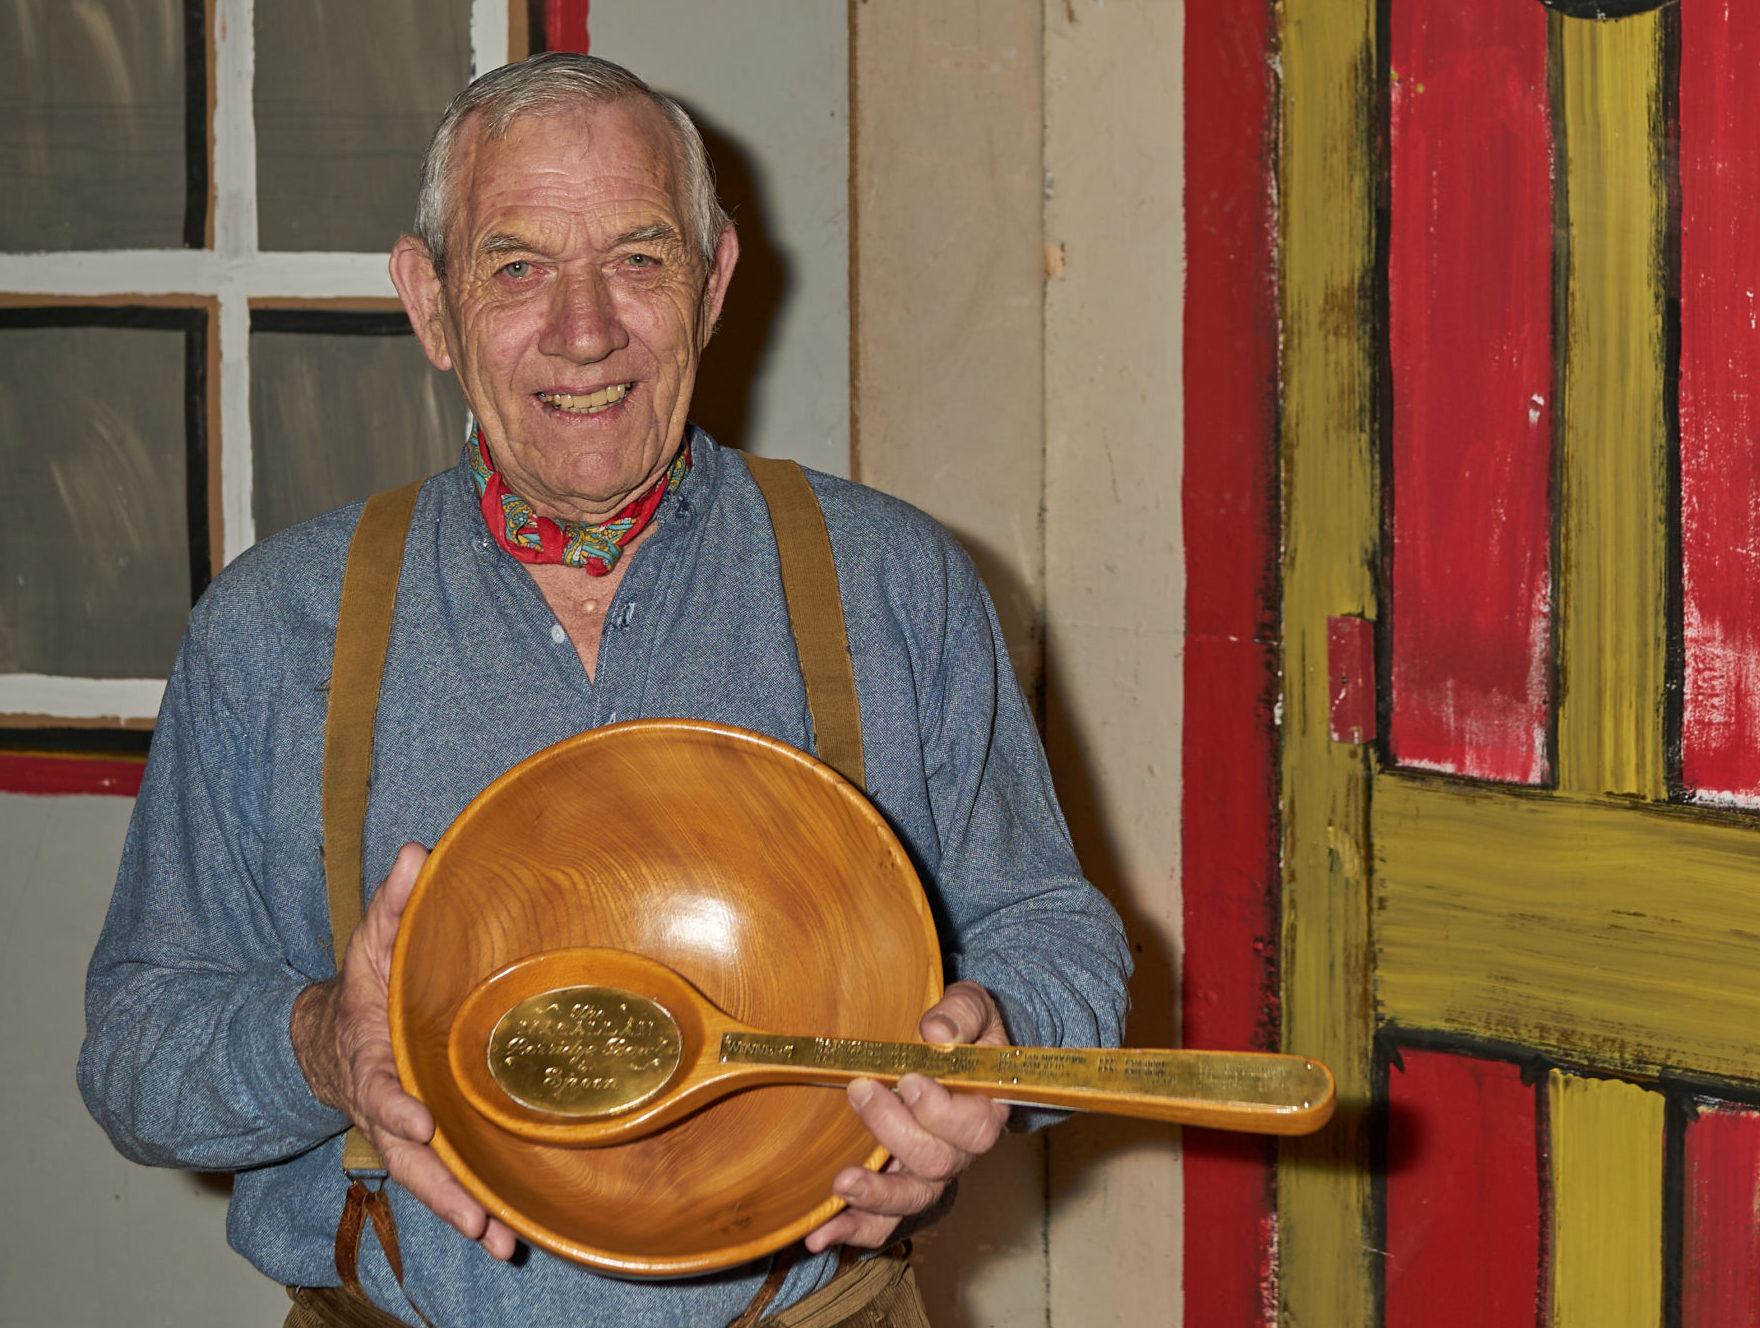 Winner Joe Aitken from Kirriemuir